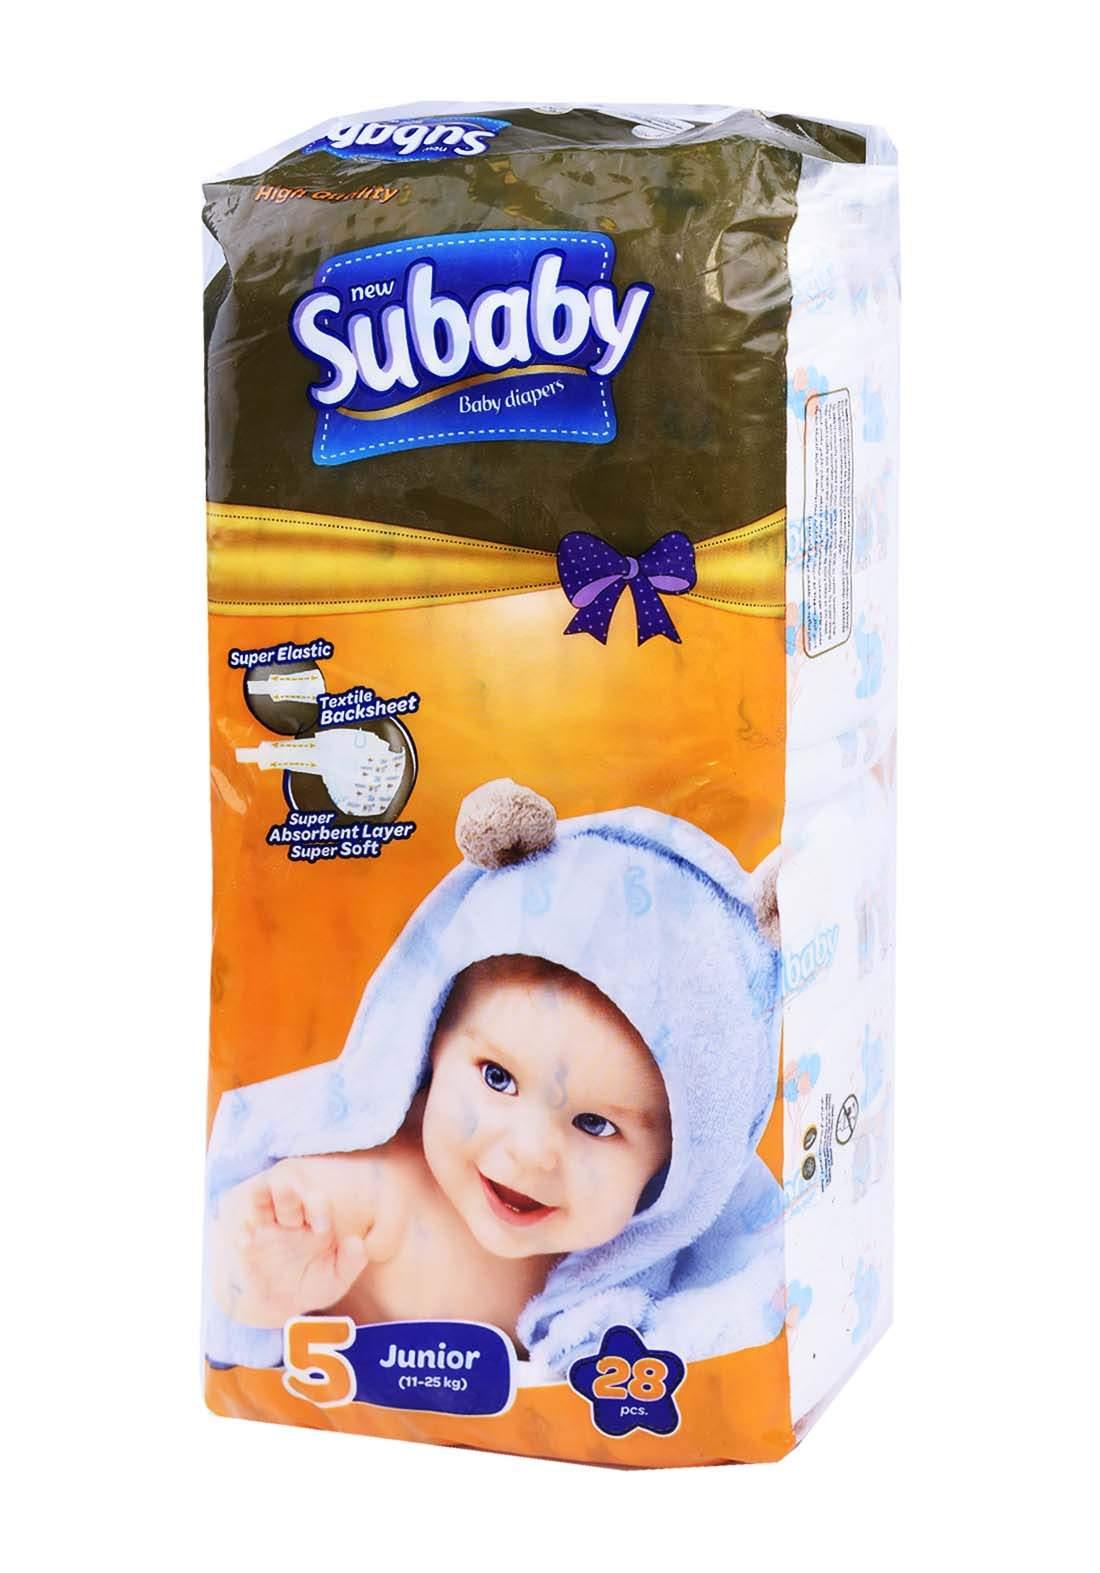 Subaaby 11-25 kg 28 Pcs حفاضات سو بيبي للاطفال رقم 5 عادي